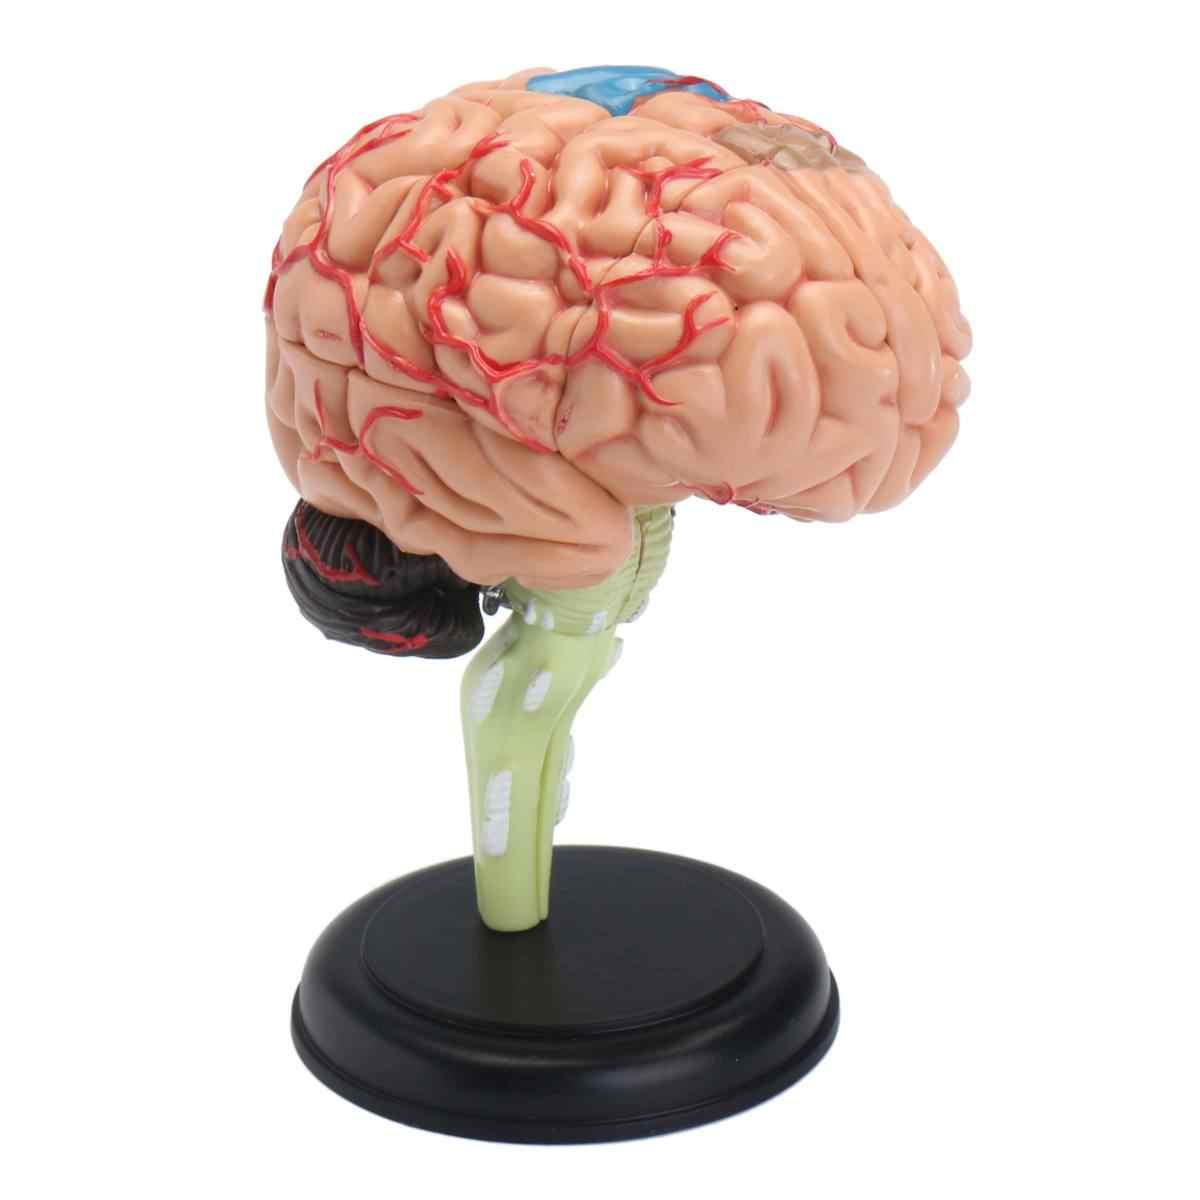 4D Giải Phẫu Con Người, mô Hình não Giải Phẫu Y Tế Công Cụ Giảng Dạy Đồ Chơi Bức Tượng Tác Phẩm Điêu Khắc Học Y Tế Sử Dụng 7.2*6*10 cm